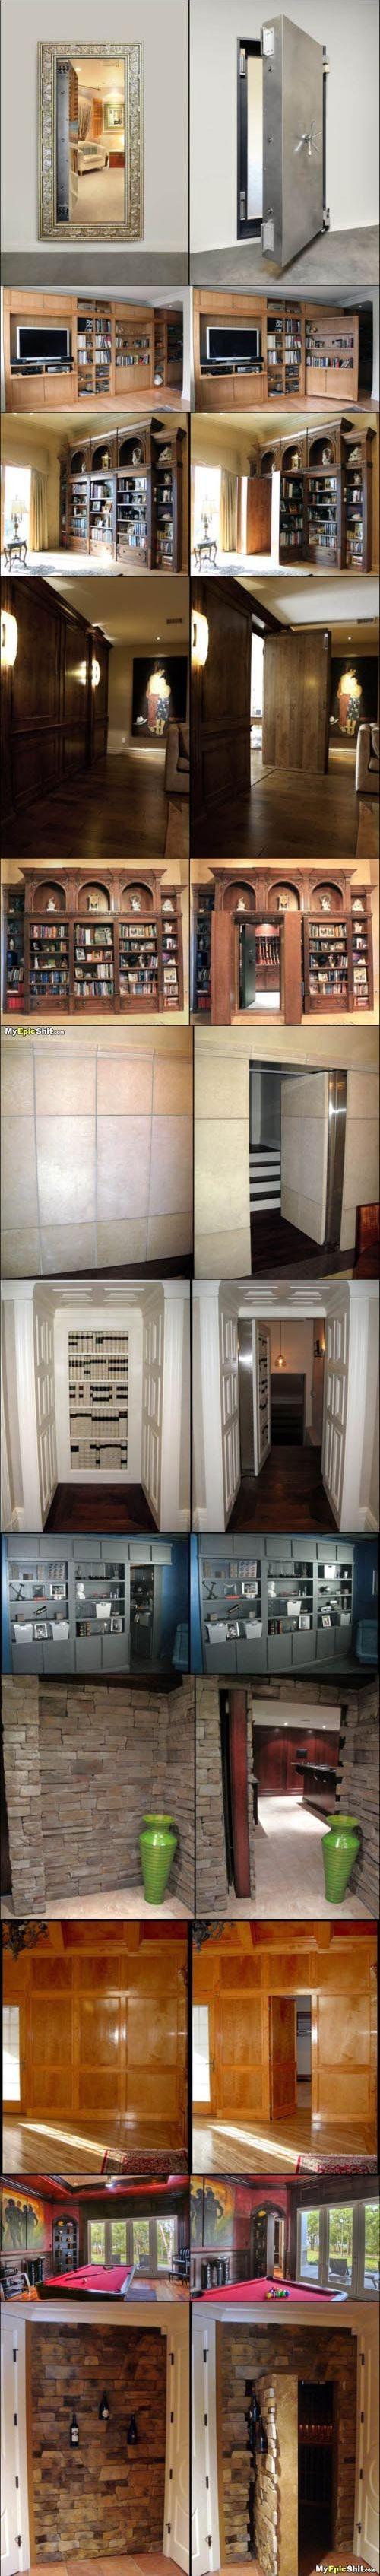 The secret room i LOVE secret